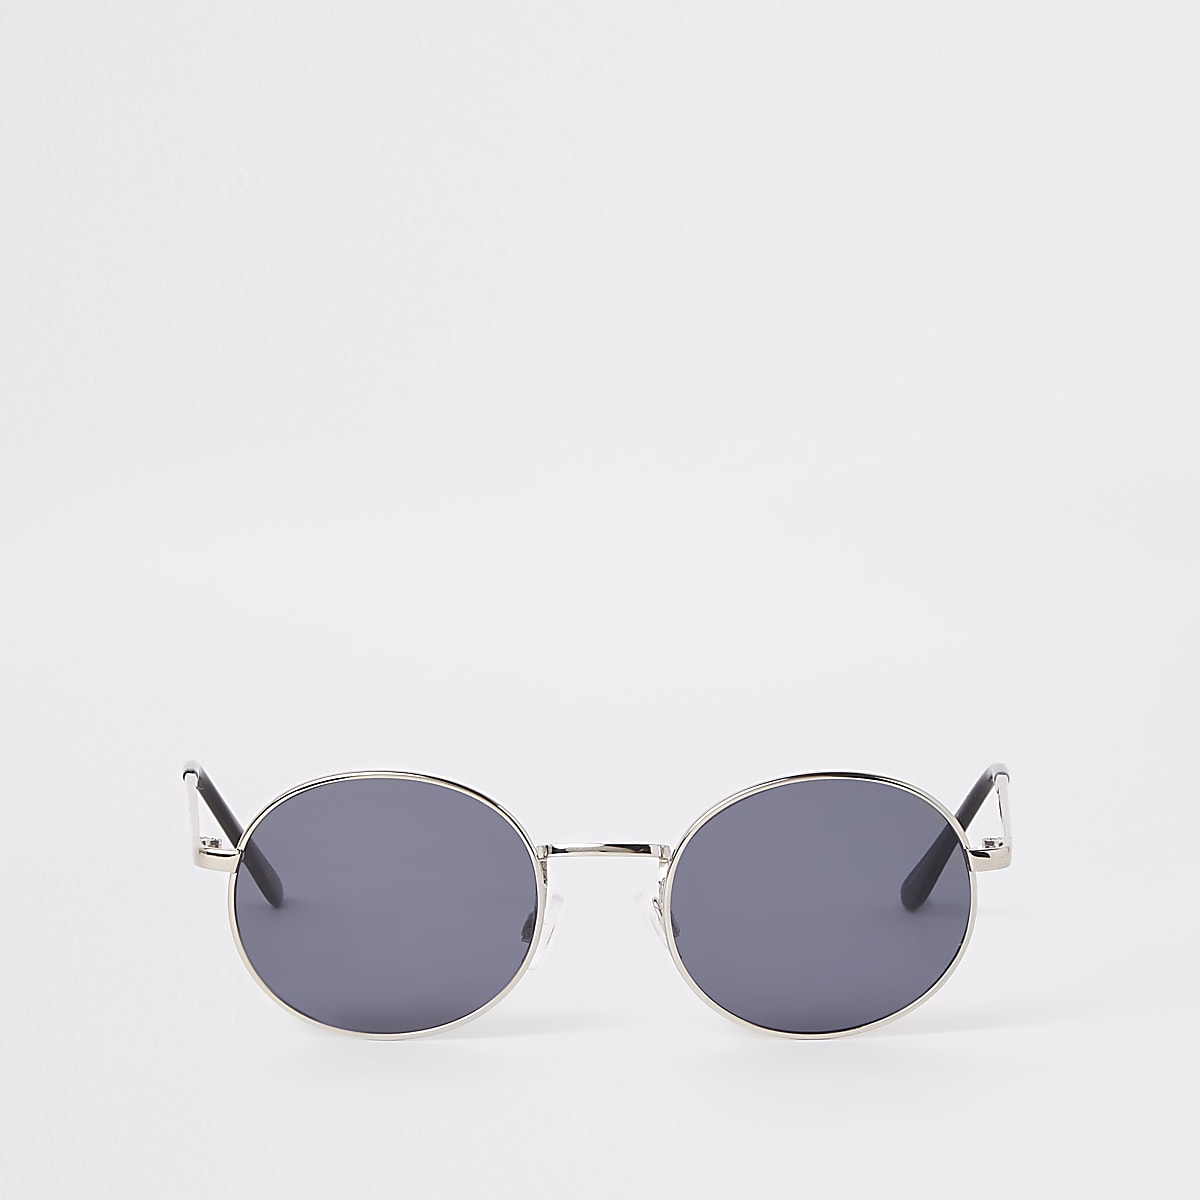 4adcbbe90edec0 Selected Homme - Zilverkleurige zonnebril met ronde glazen - Ronde ...